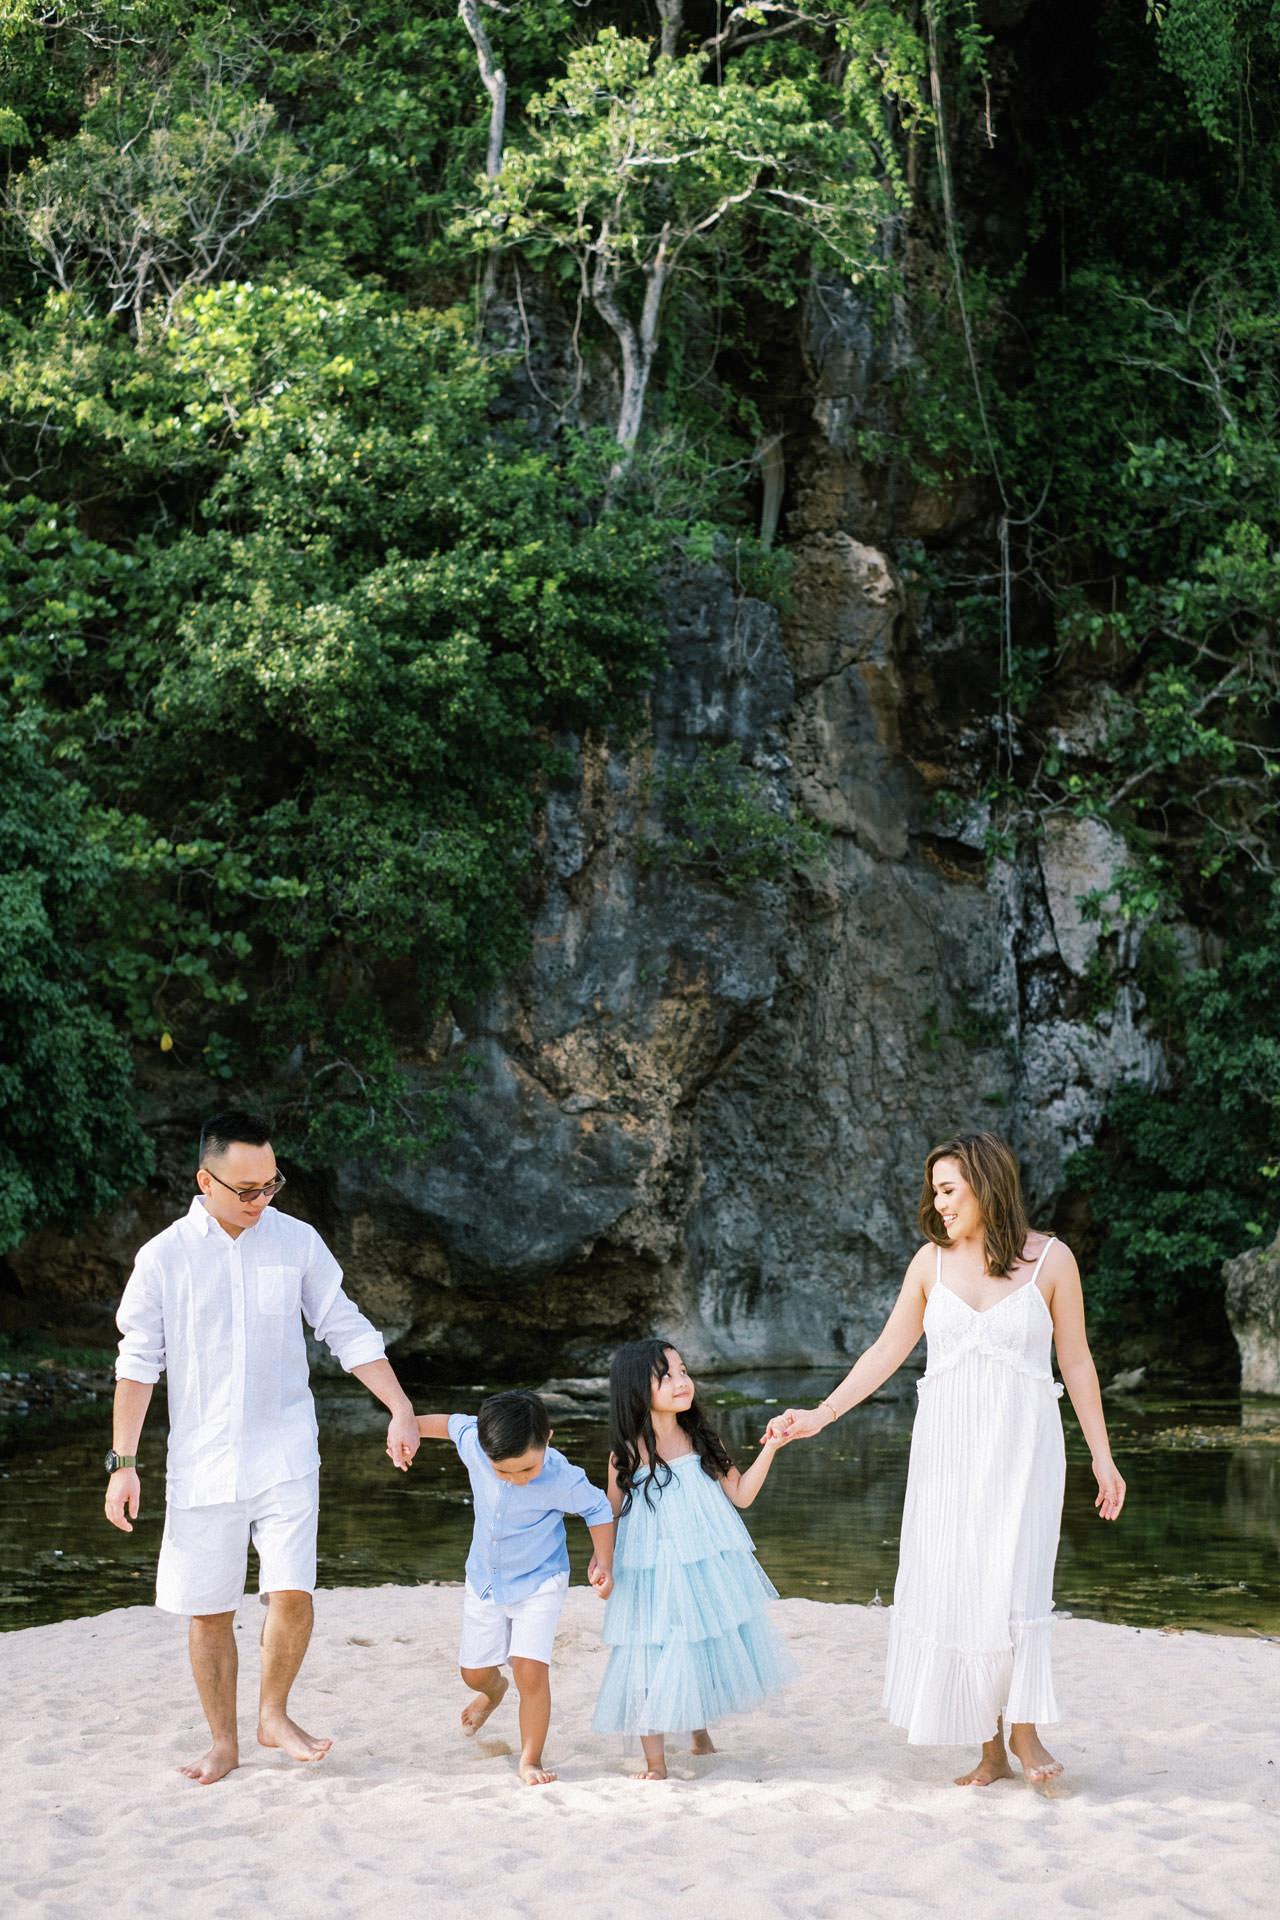 Samabe Bali Outdoor Family Photo 9